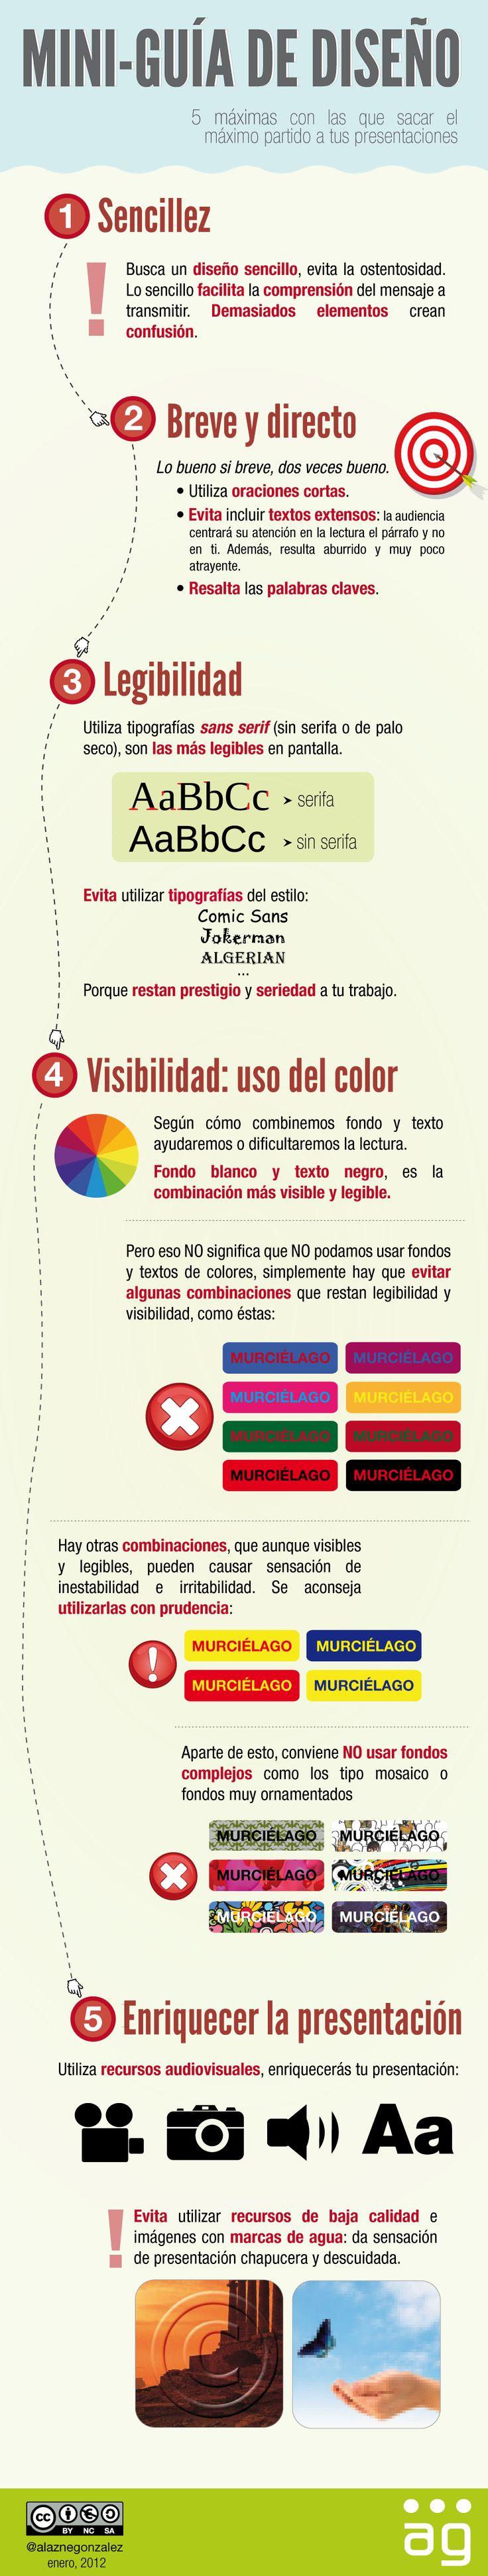 Cómo mejorar el diseño de tus presentaciones #infografia